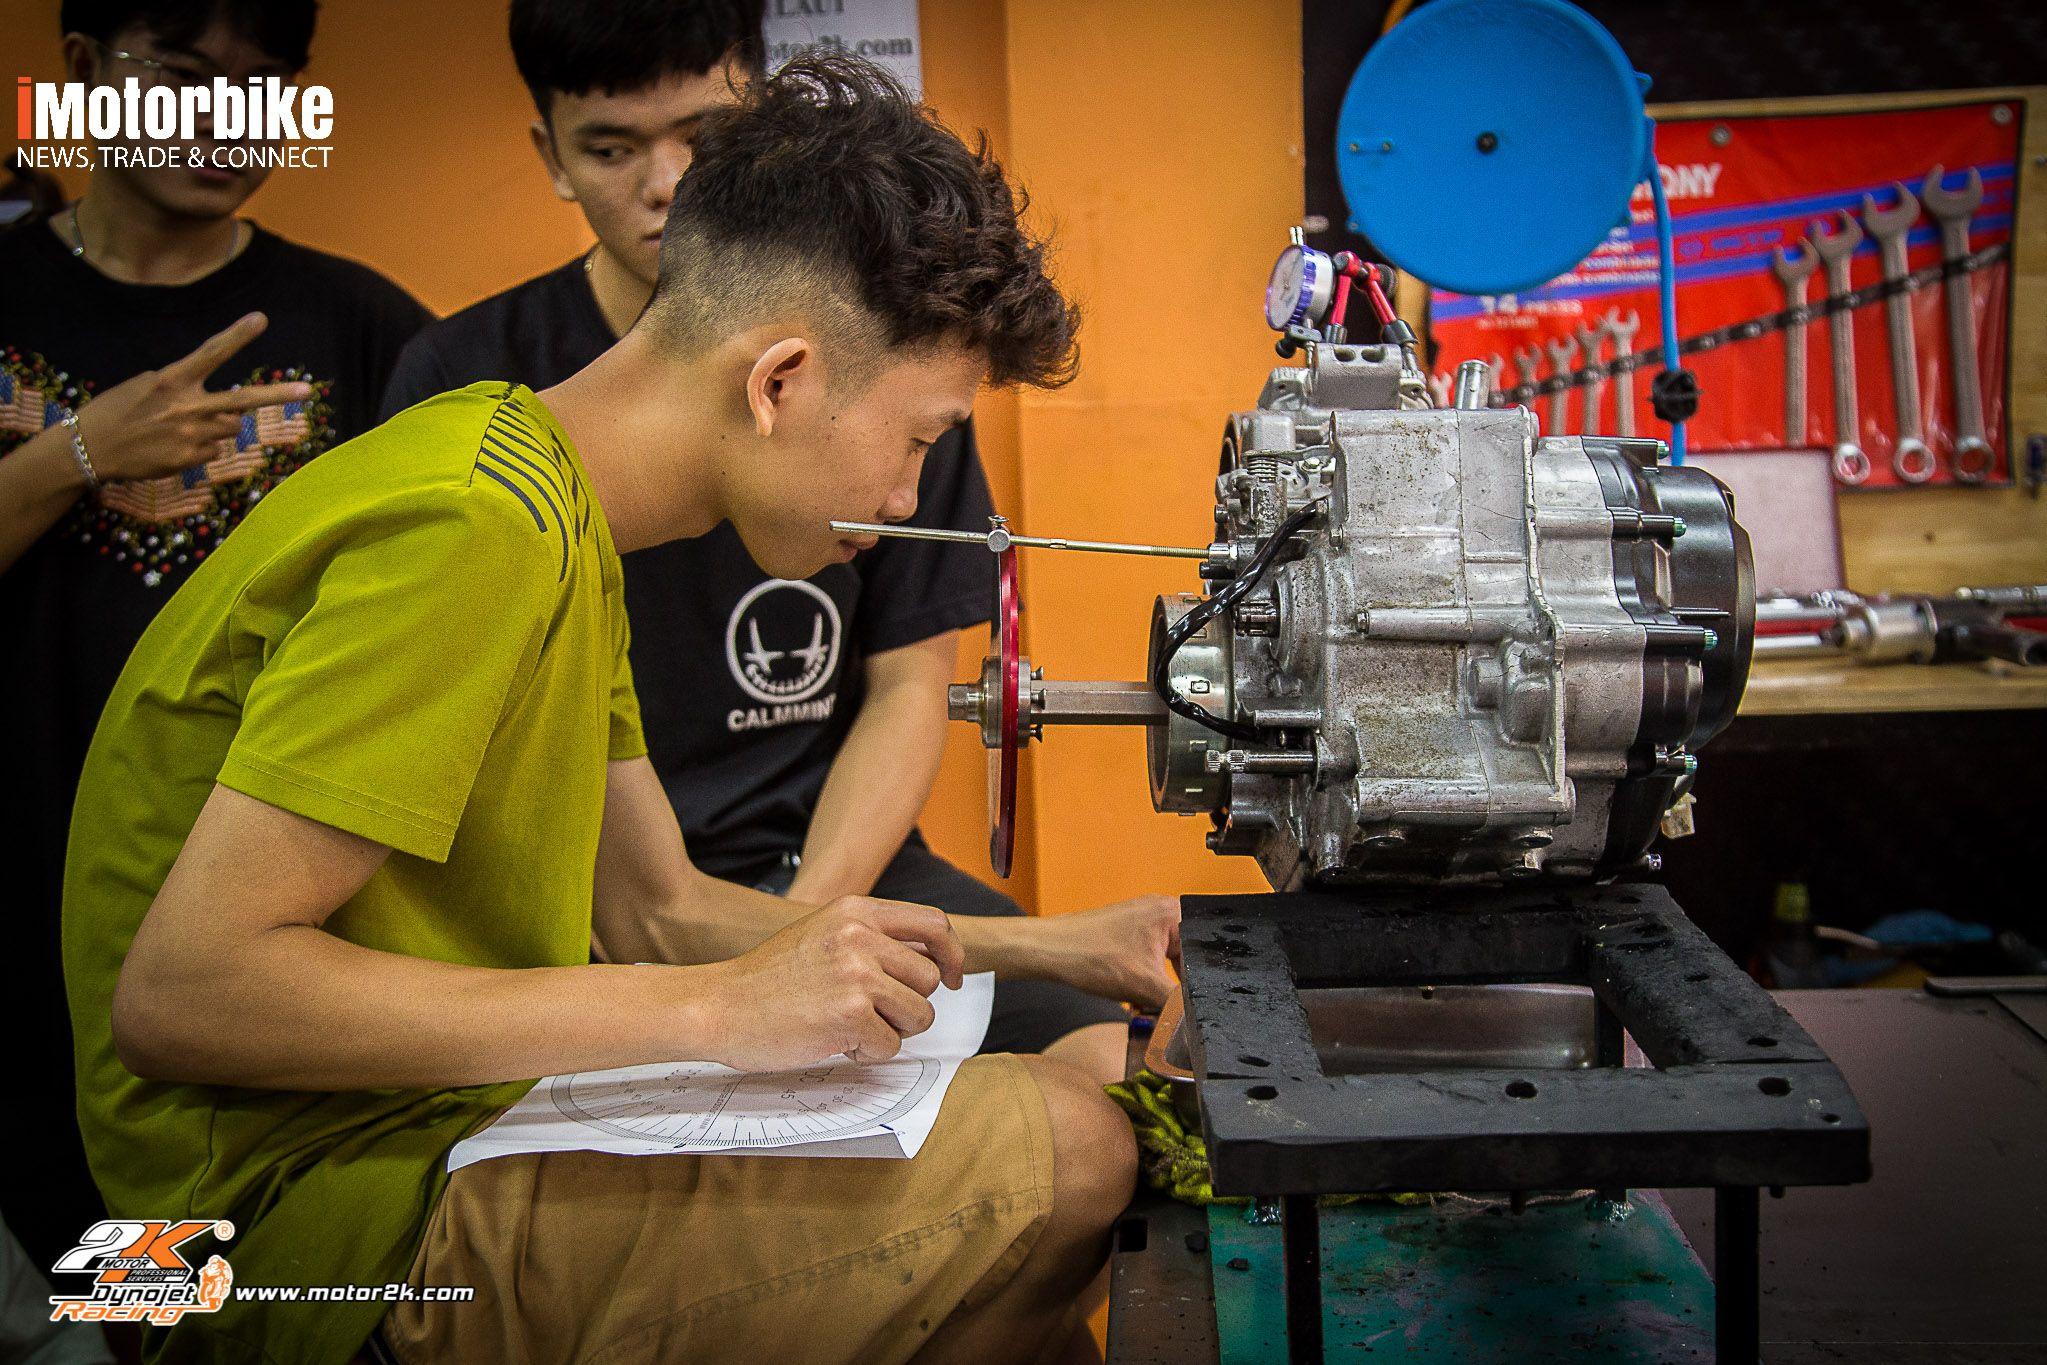 LỚP HỌC HP ACADEMY - Học viện đào tạo kỹ sư chuyên nghiệp